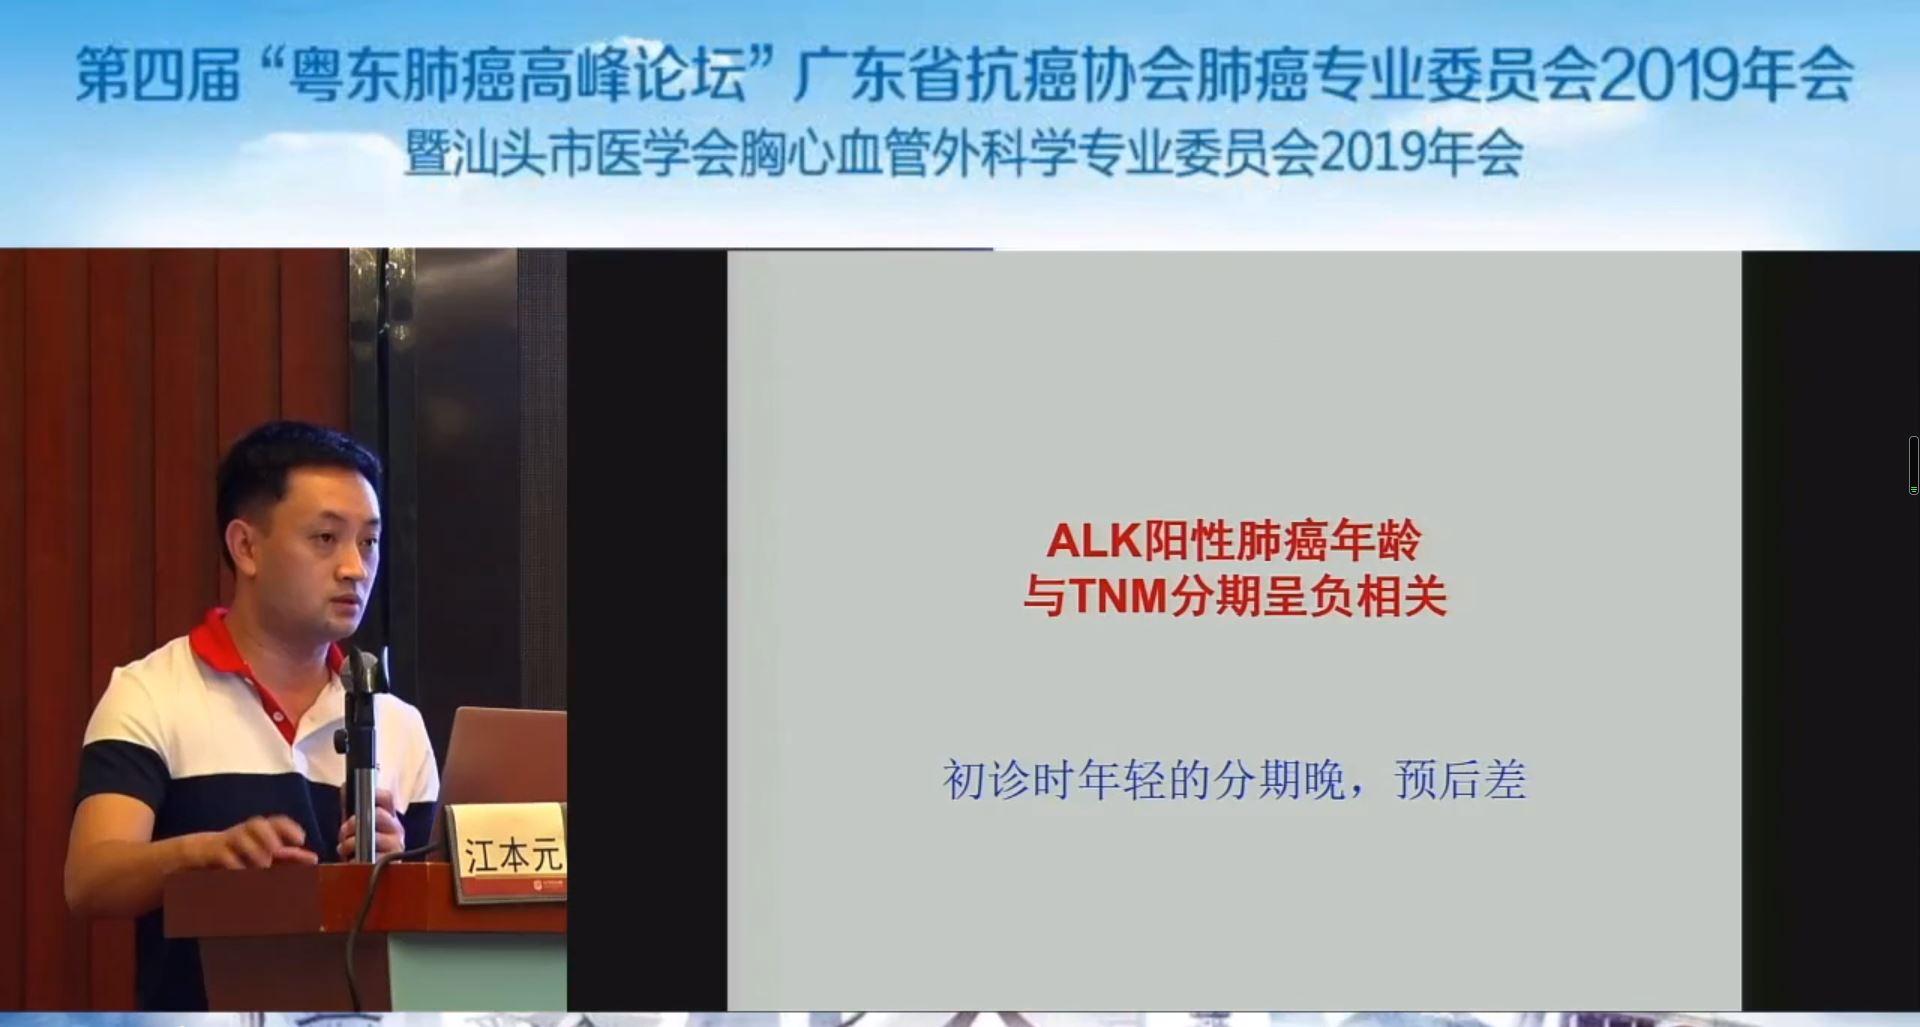 江本元:《肺多发磨玻璃结节的诊断和外科治疗策略》..